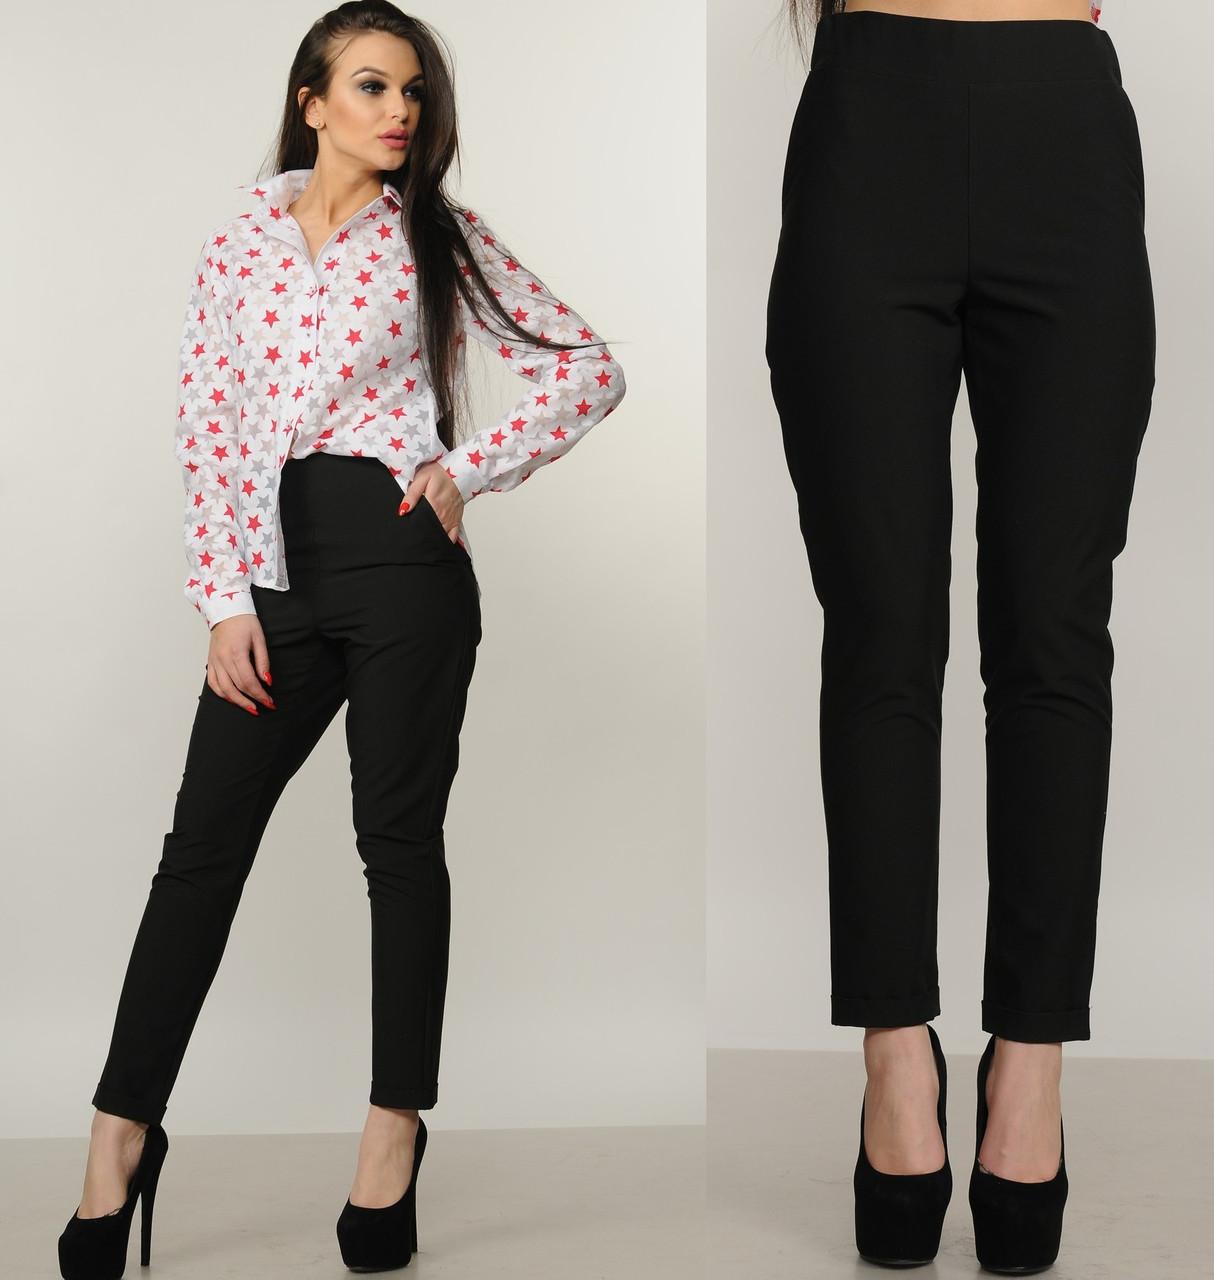 Брюки сигареты с высокой посадкой женские зауженные черные штаны с карманами на манжете